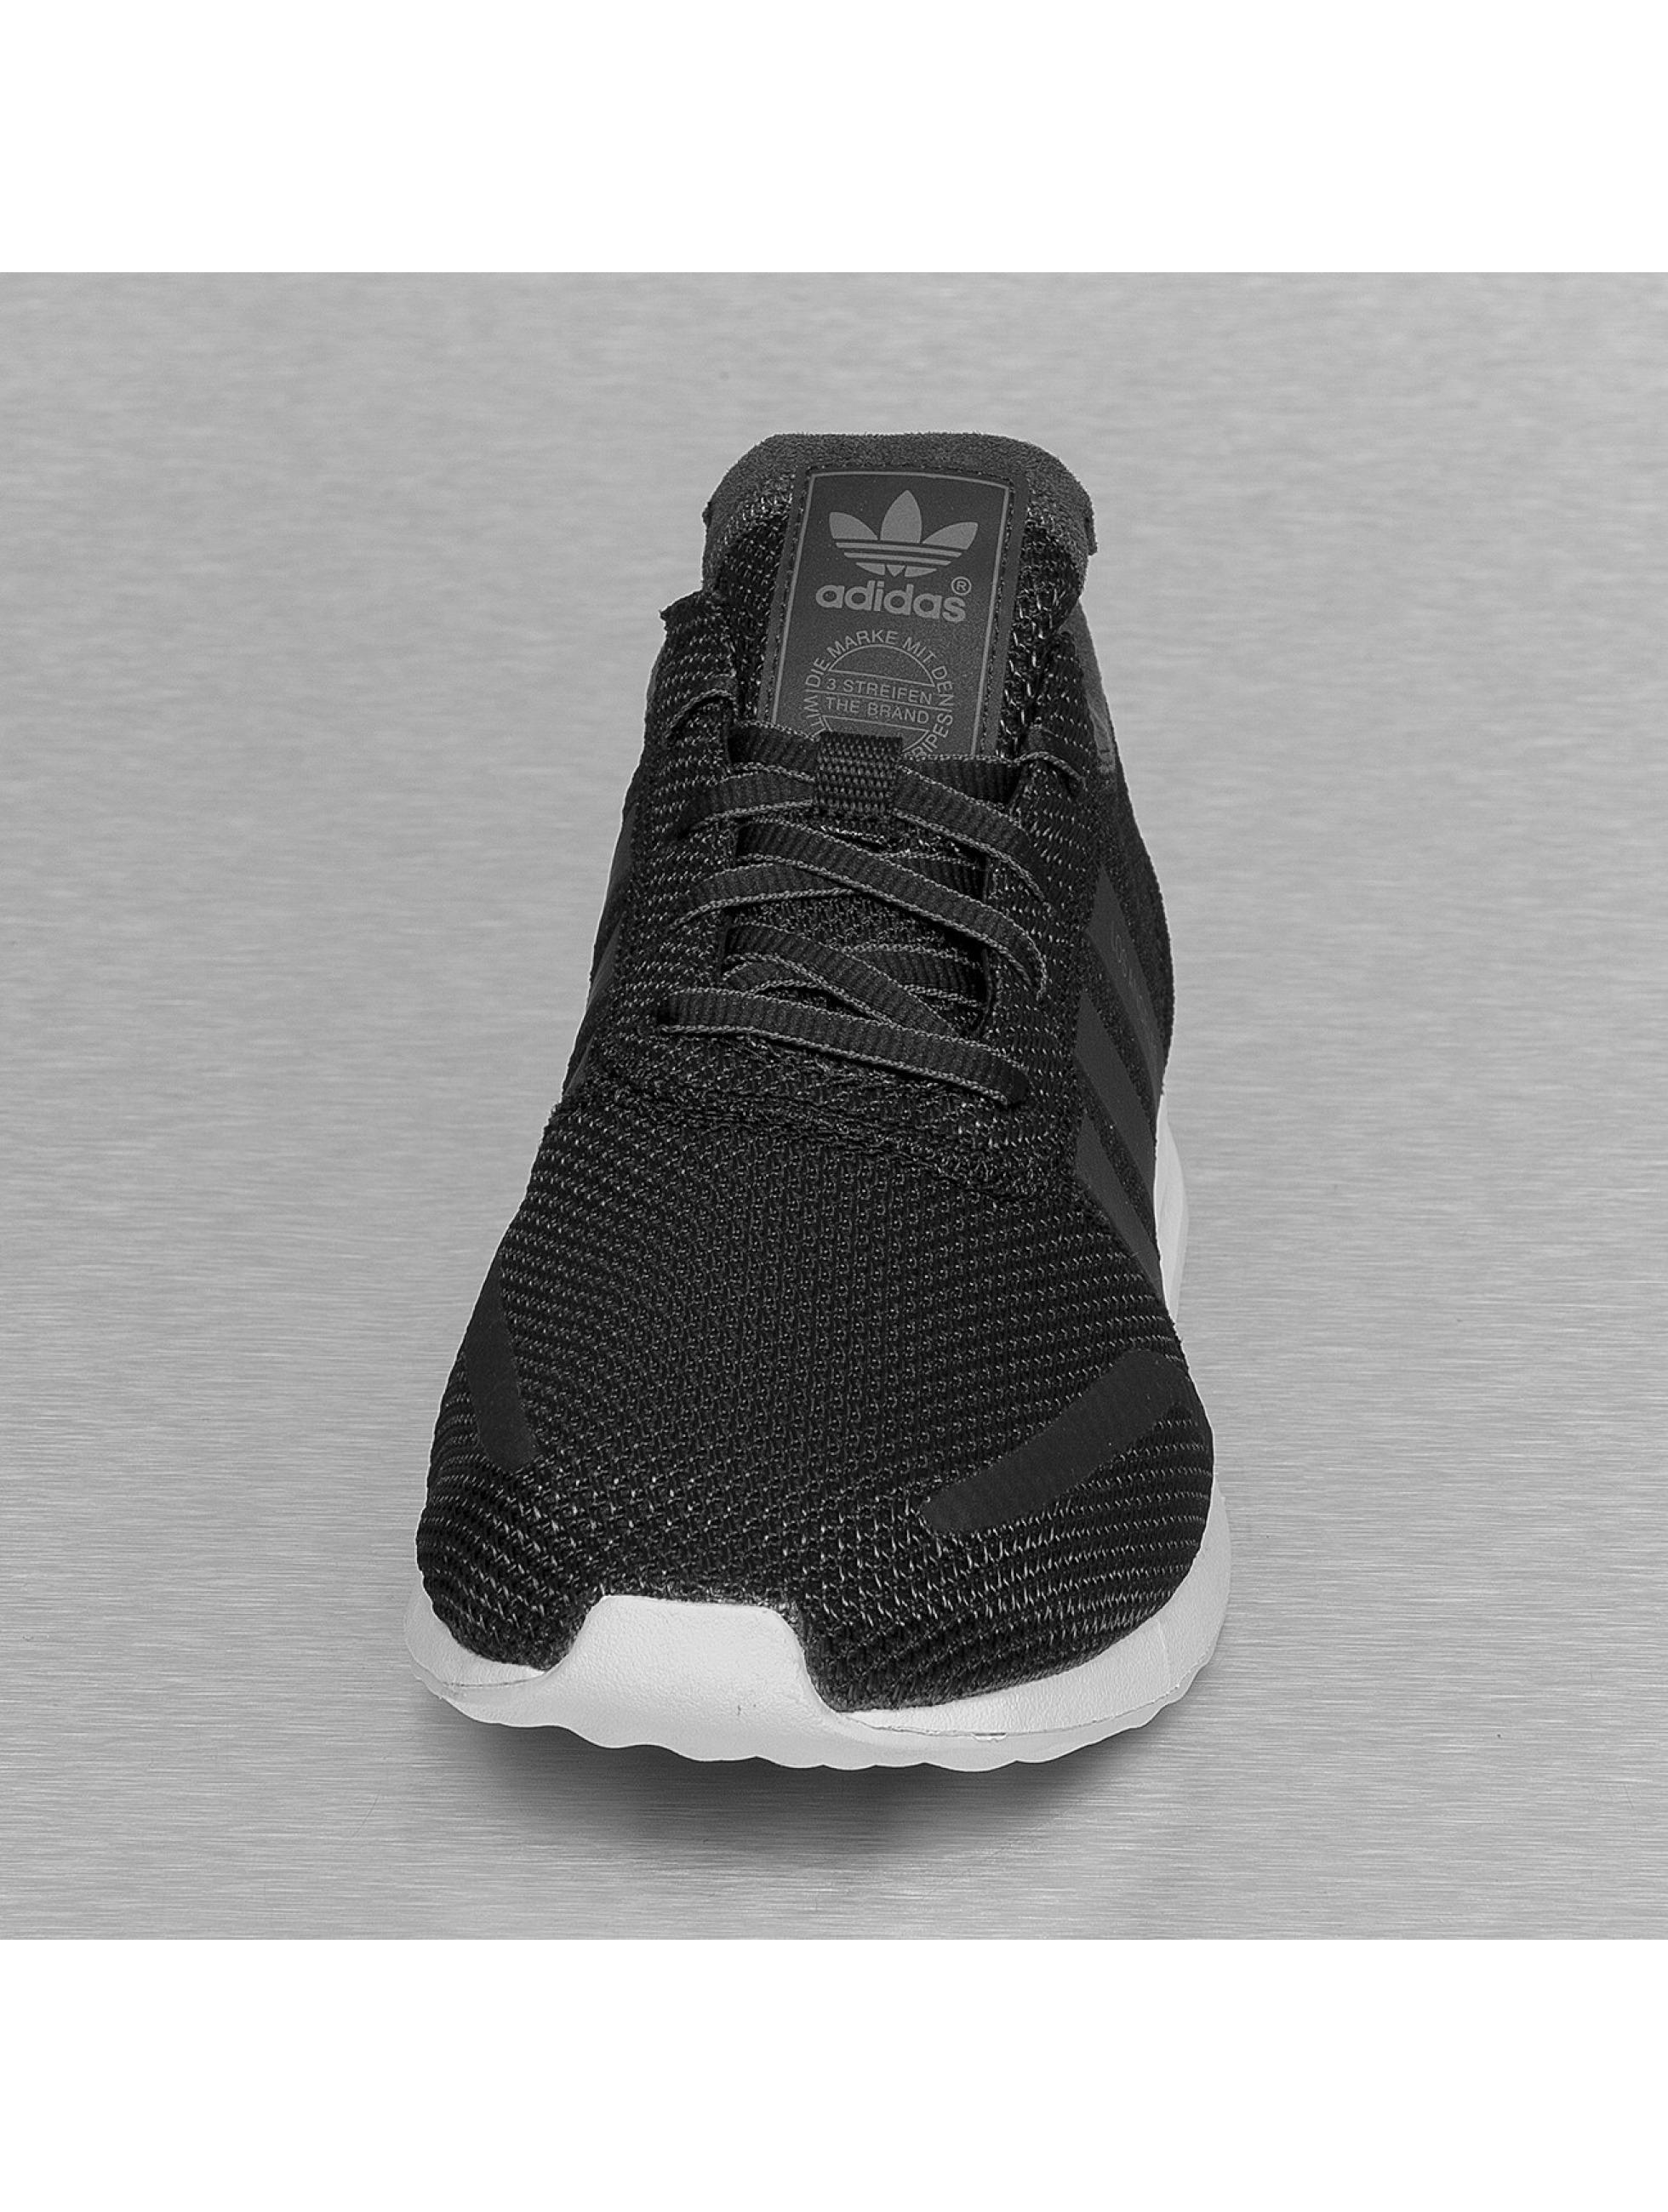 adidas schuhe schwarz stoff